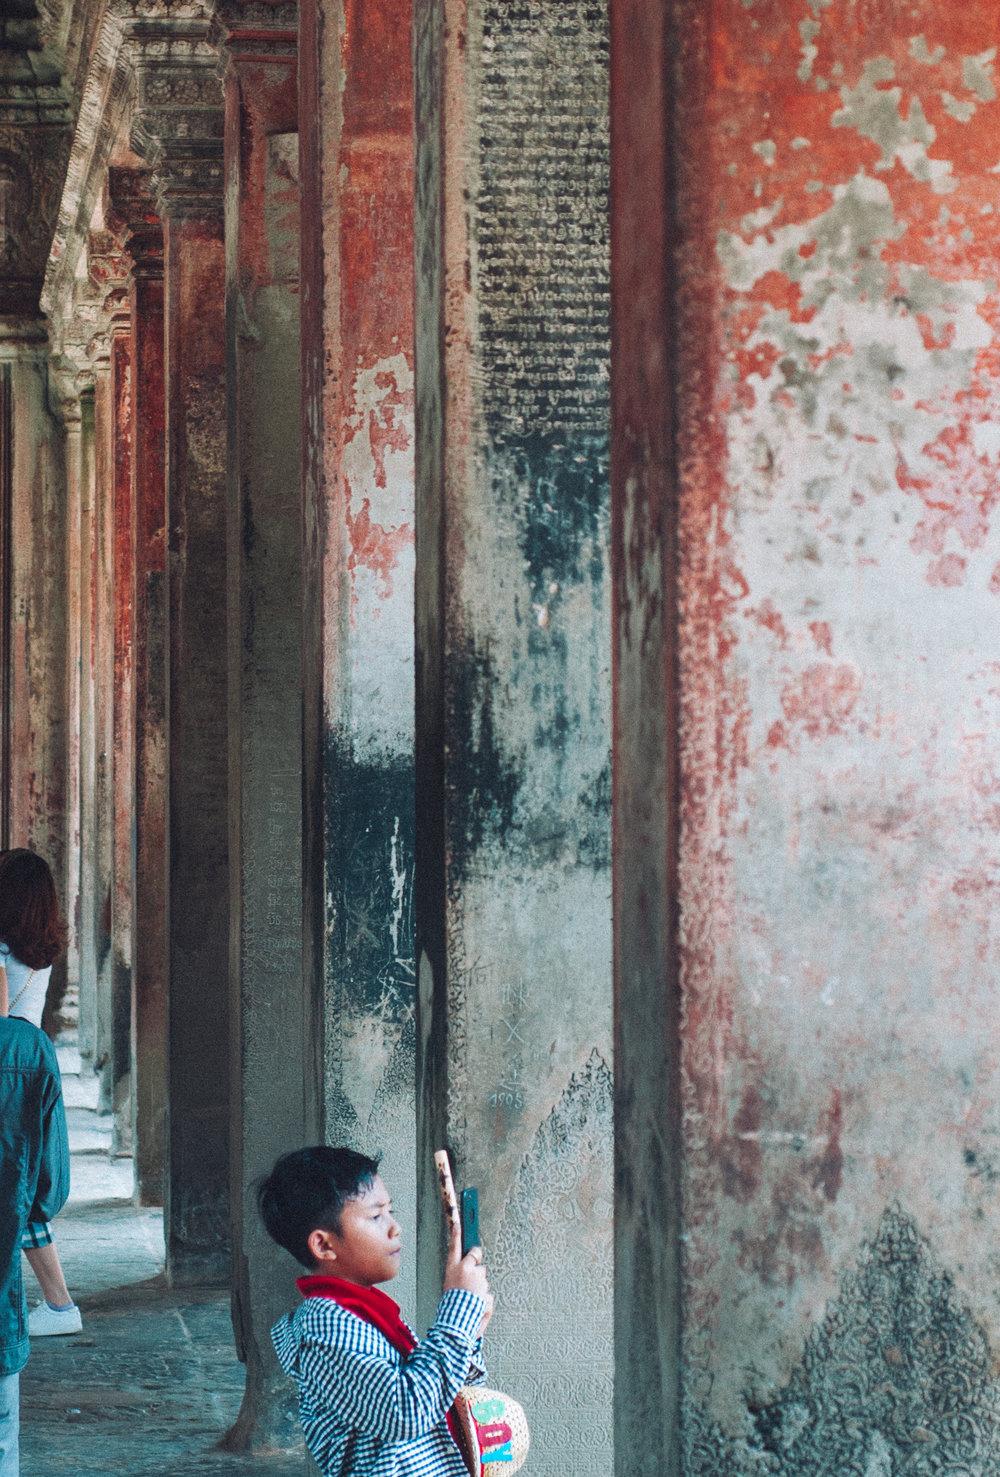 angkor wat temples siem reap (36 of 42).jpg